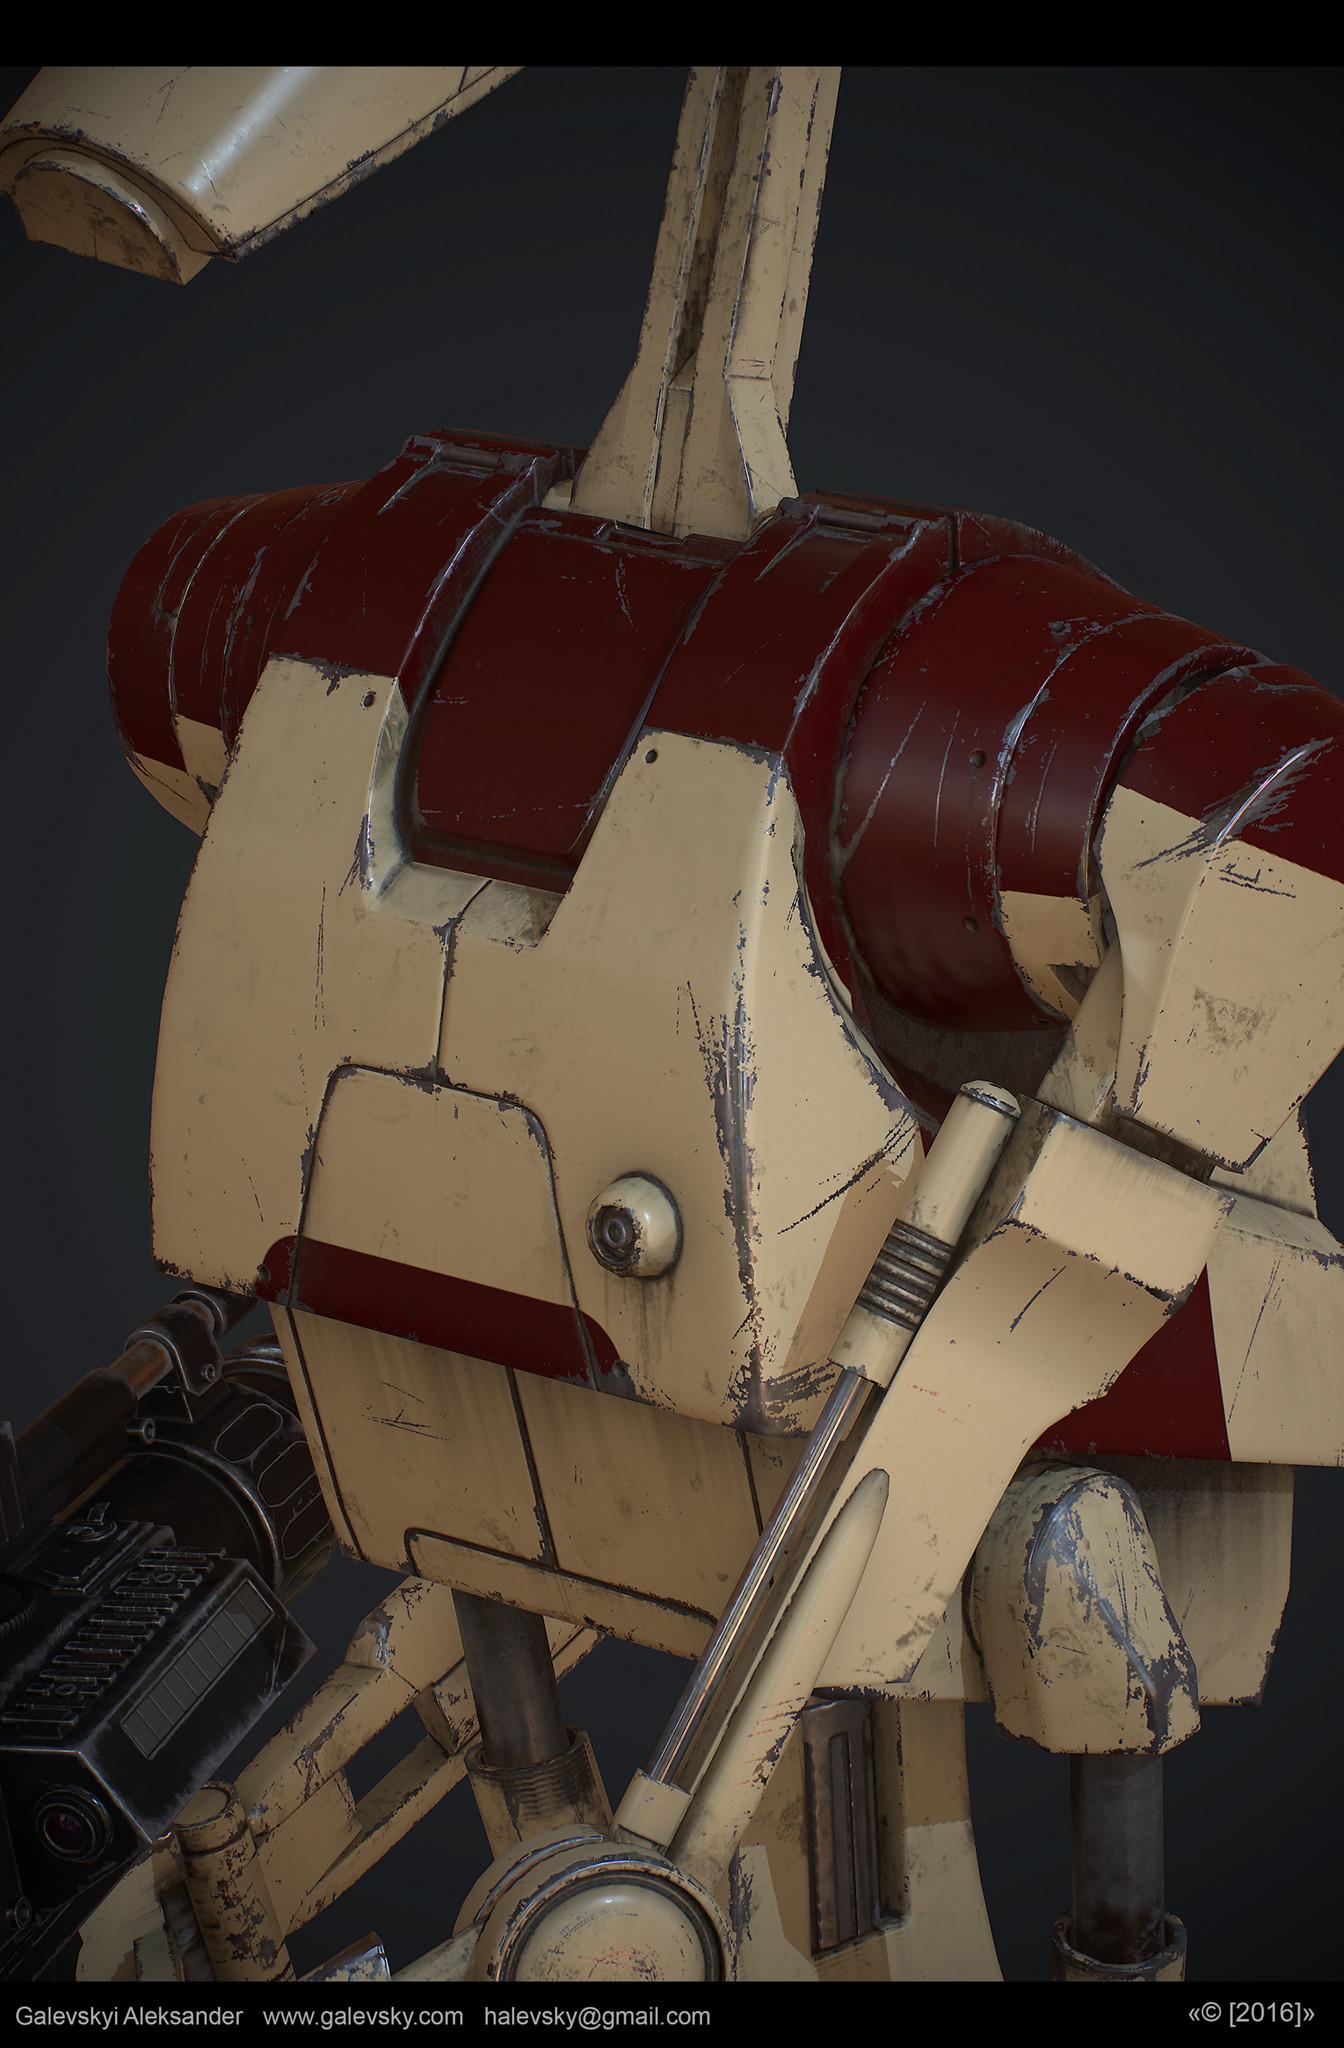 Aleksander galevskyi droid posed 05 mid